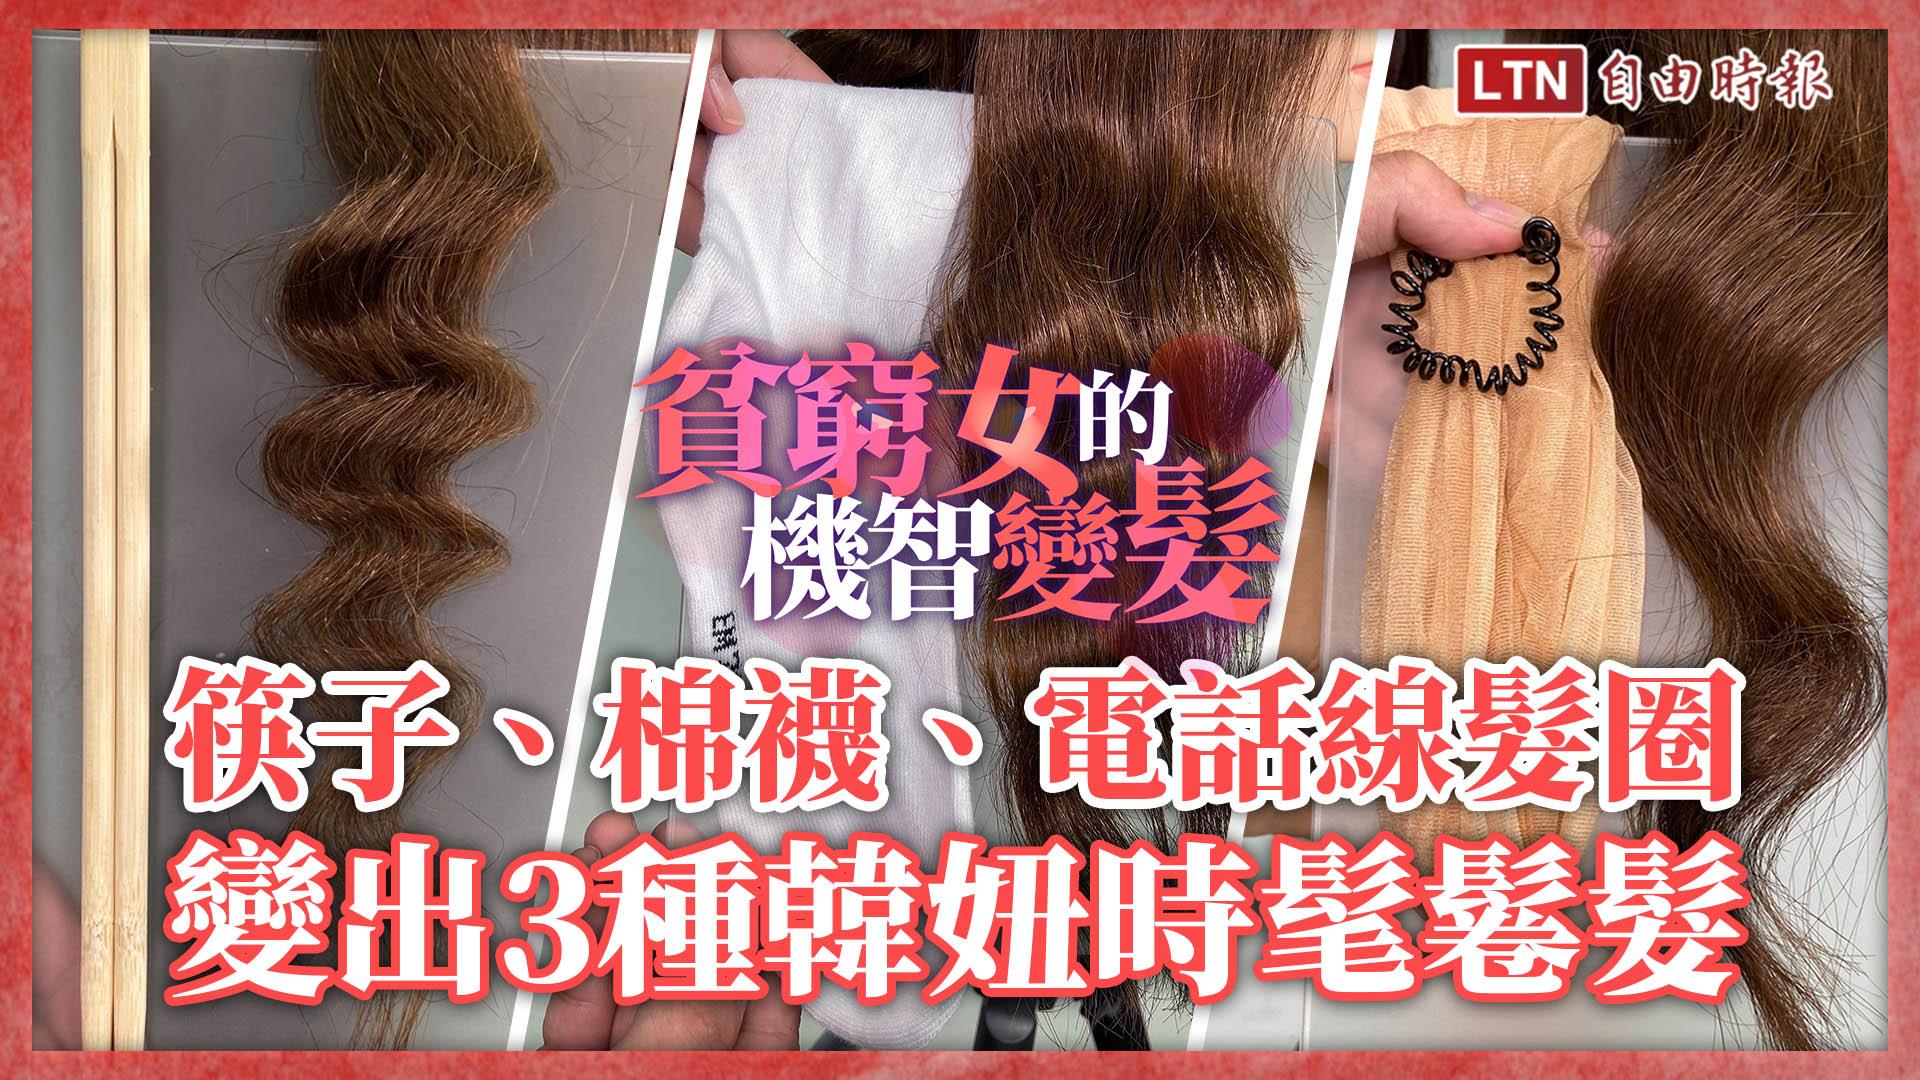 筷子、棉襪、電話線髮圈這麼好用?達人教你變出3種韓妞時髦捲